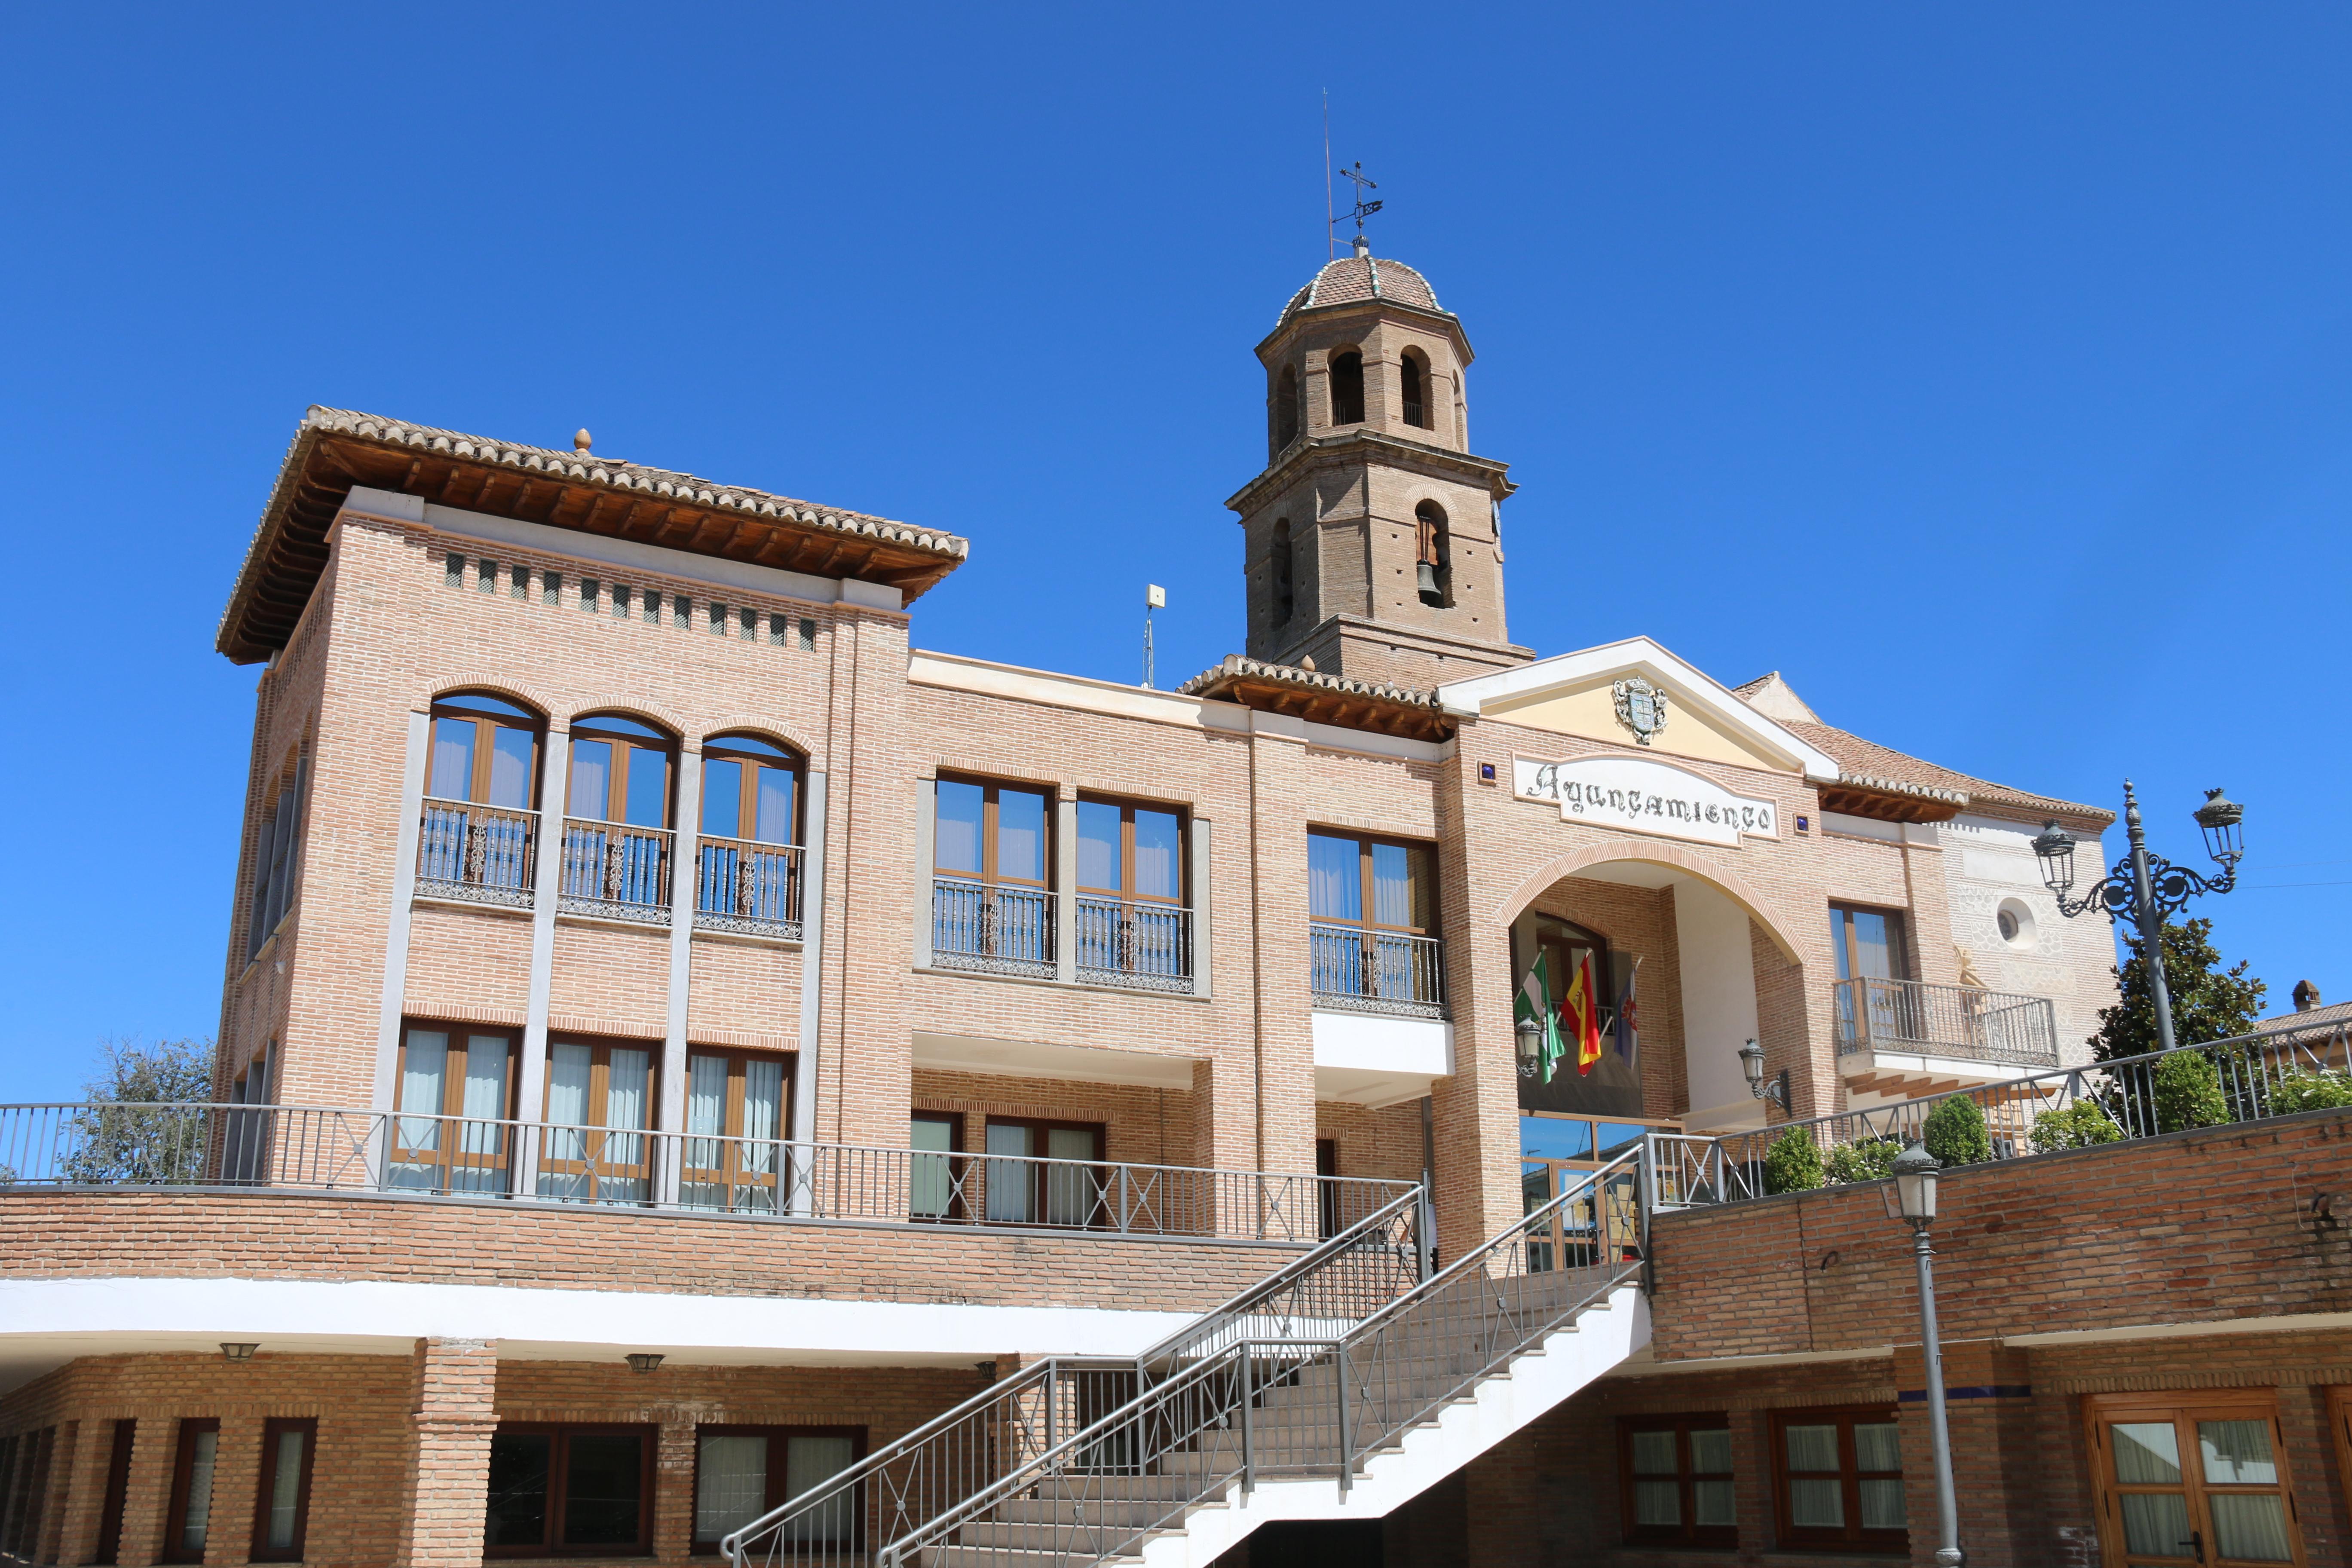 Alhendín solicita la Cruz retirada por el Ayuntamiento de Aguilar de la Frontera para incorporarla a su ornamentación paisajística